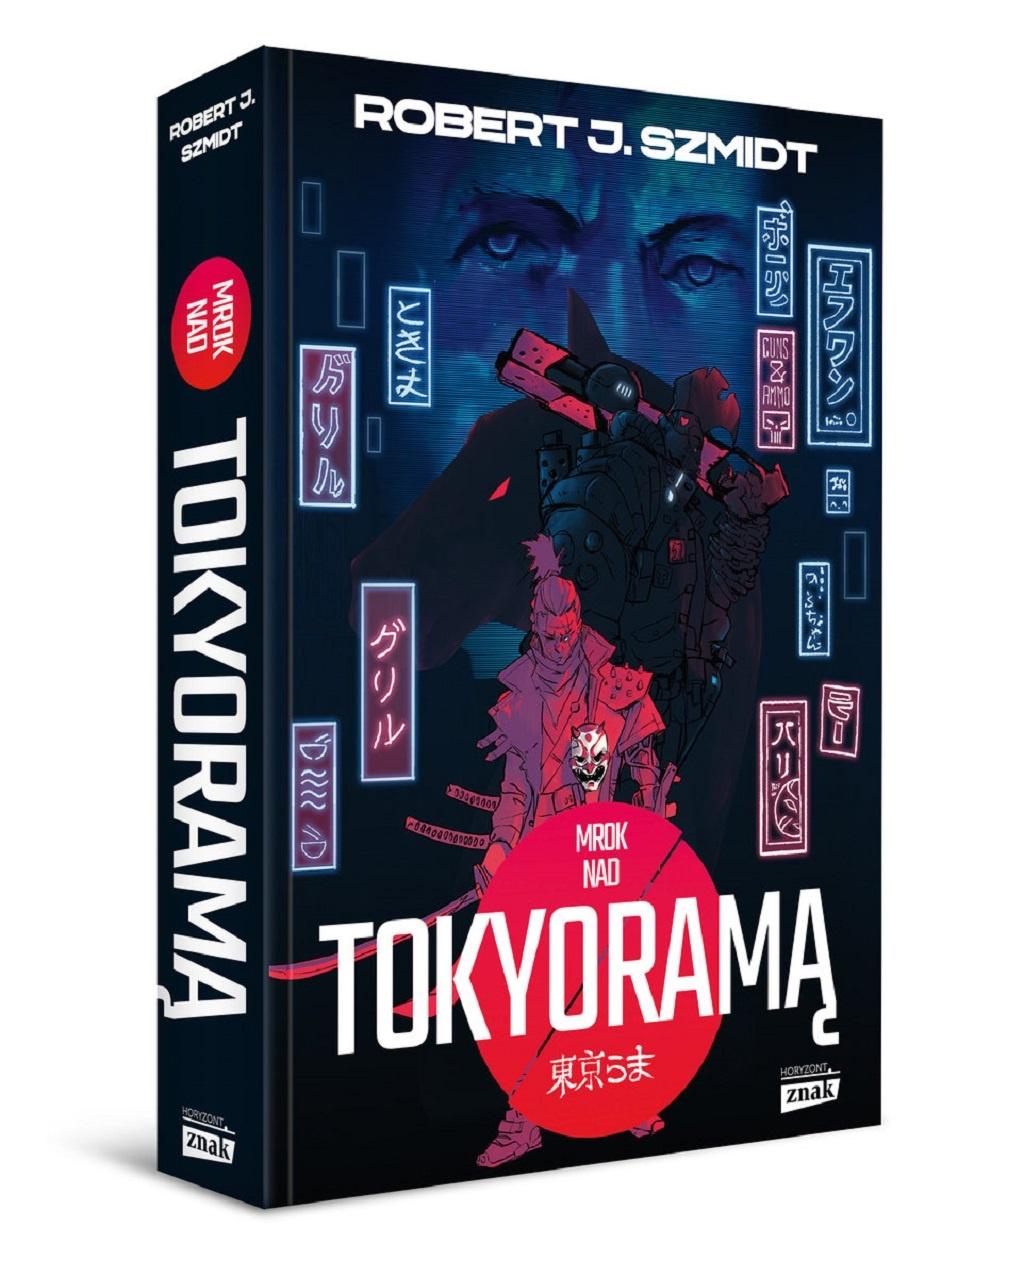 Robert J. Szmidt – Mrok nad Tokyoramą